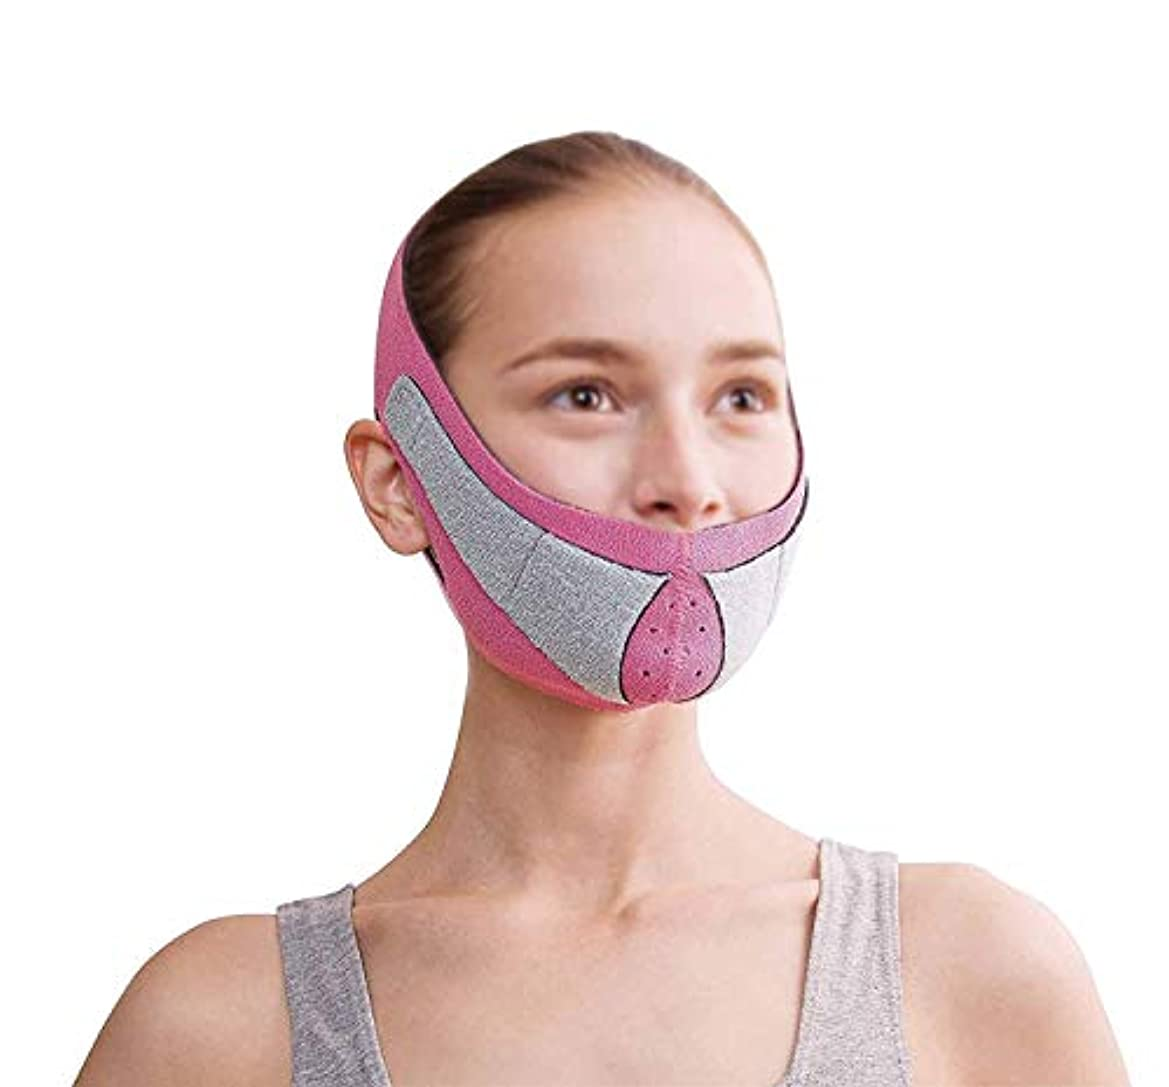 海軍クマノミ願うフェイスリフトマスク、顔のMaskplus薄いフェイスマスクタイトなたるみの薄いフェイスマスク顔の薄いフェイスマスクアーティファクトネックストラップ付き